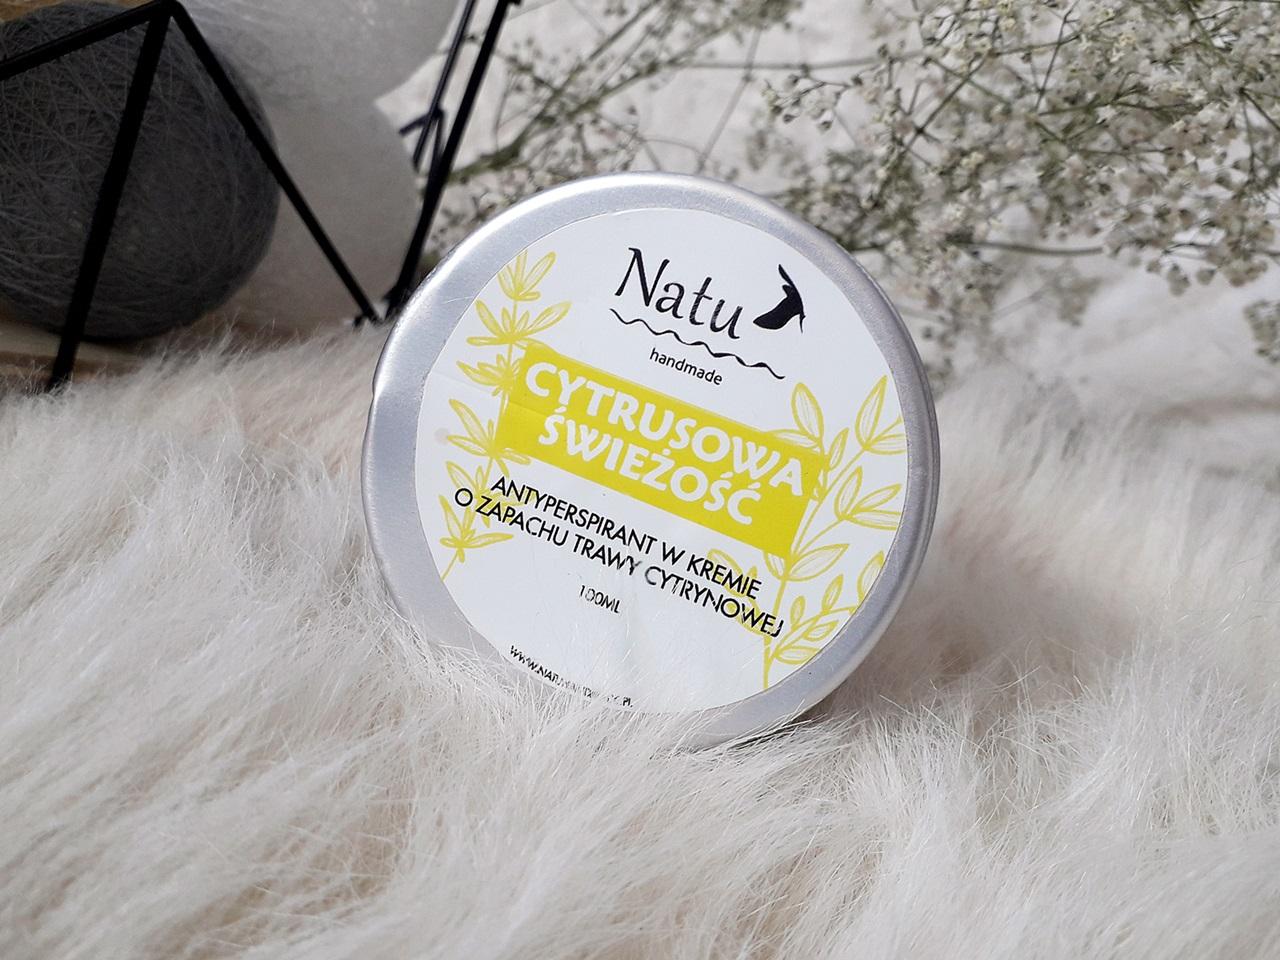 Naturalny dezodorant od Natu Handmate - jak radzi sobie z poceniem i przykrym zapachem?